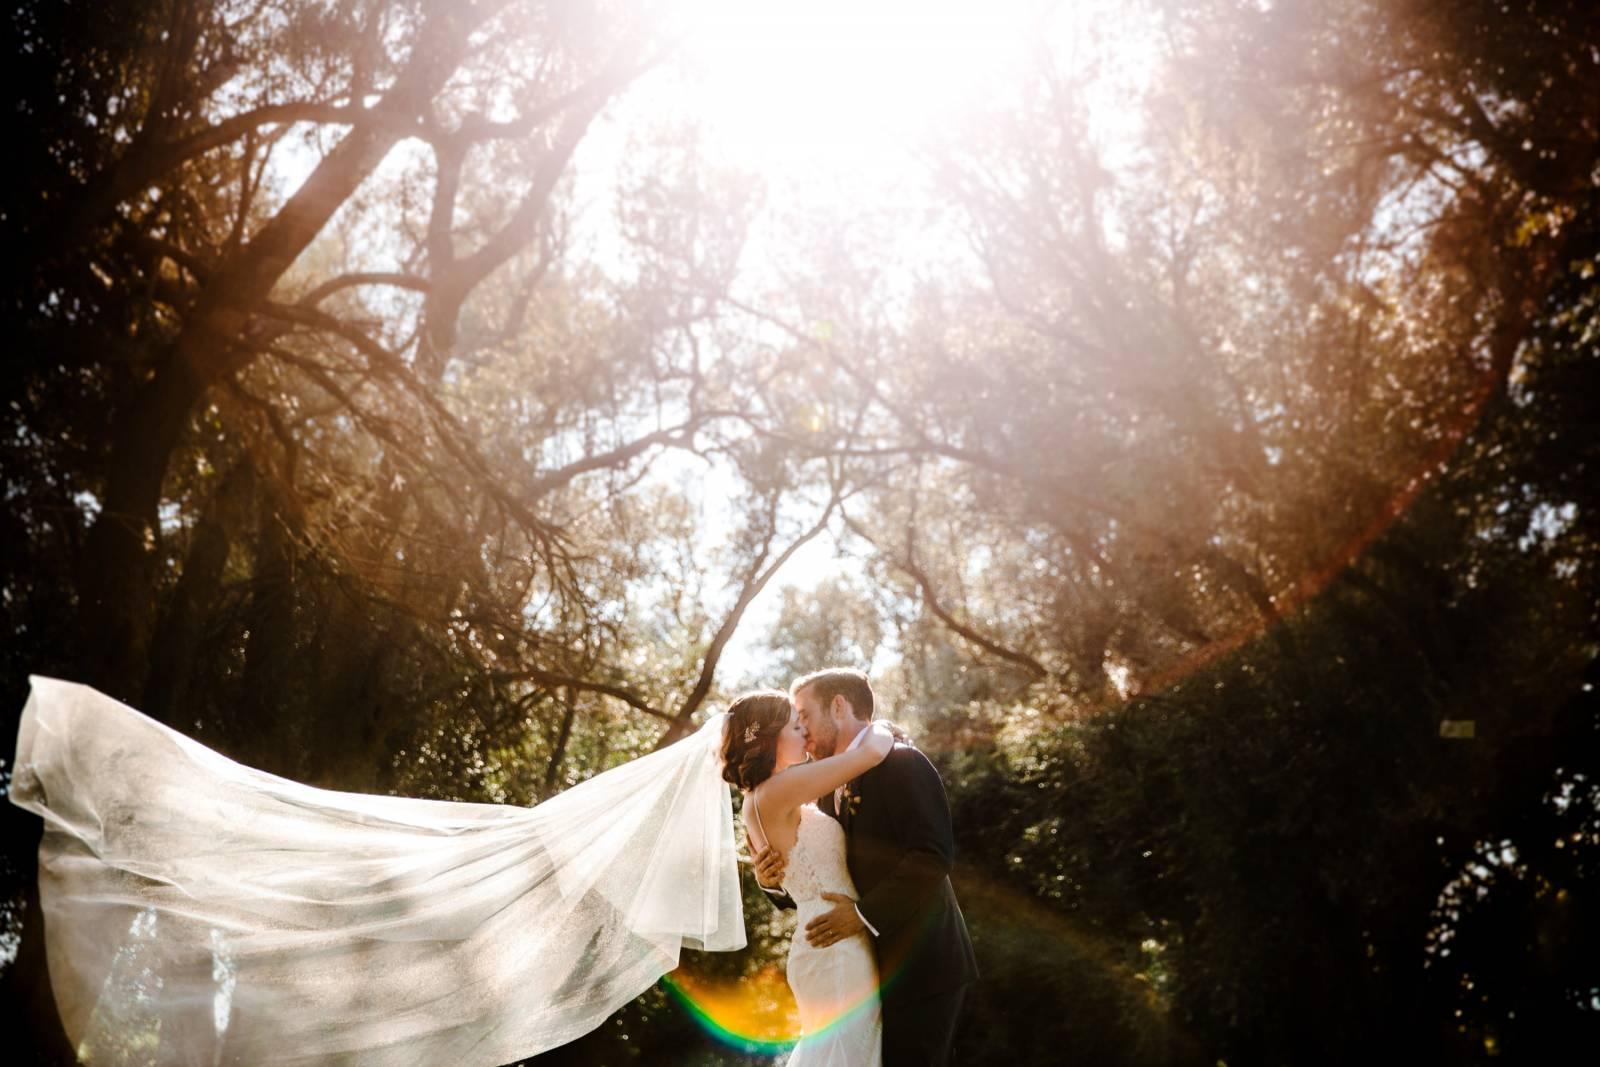 Yves Schepers Photography - Fotograaf - Huwelijksfotograaf - Trouwfotograaf - Bruidsfotograaf - House of Weddings - 11